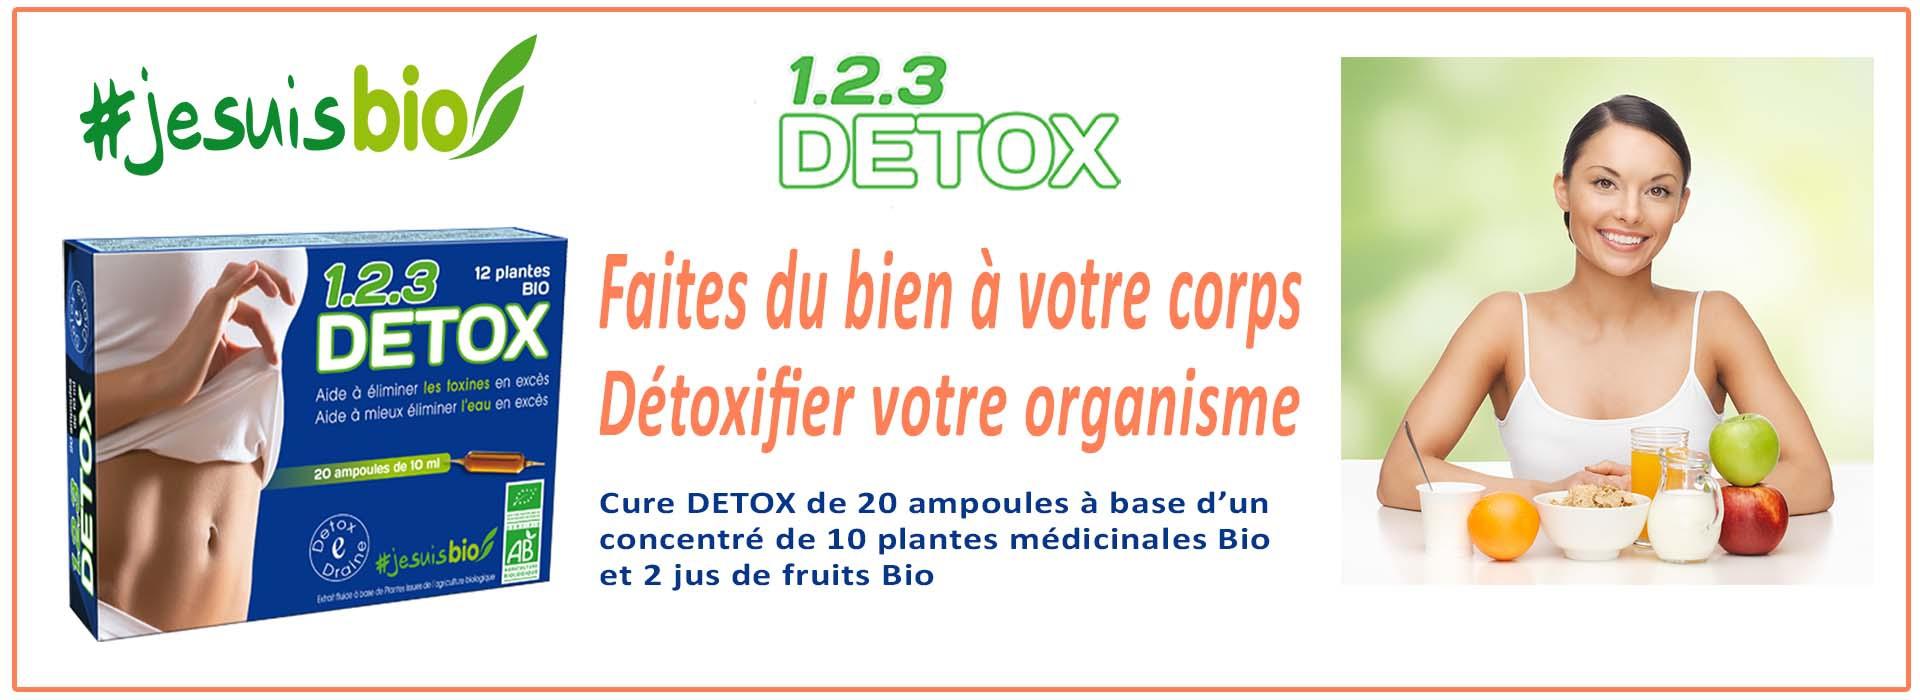 123 detox